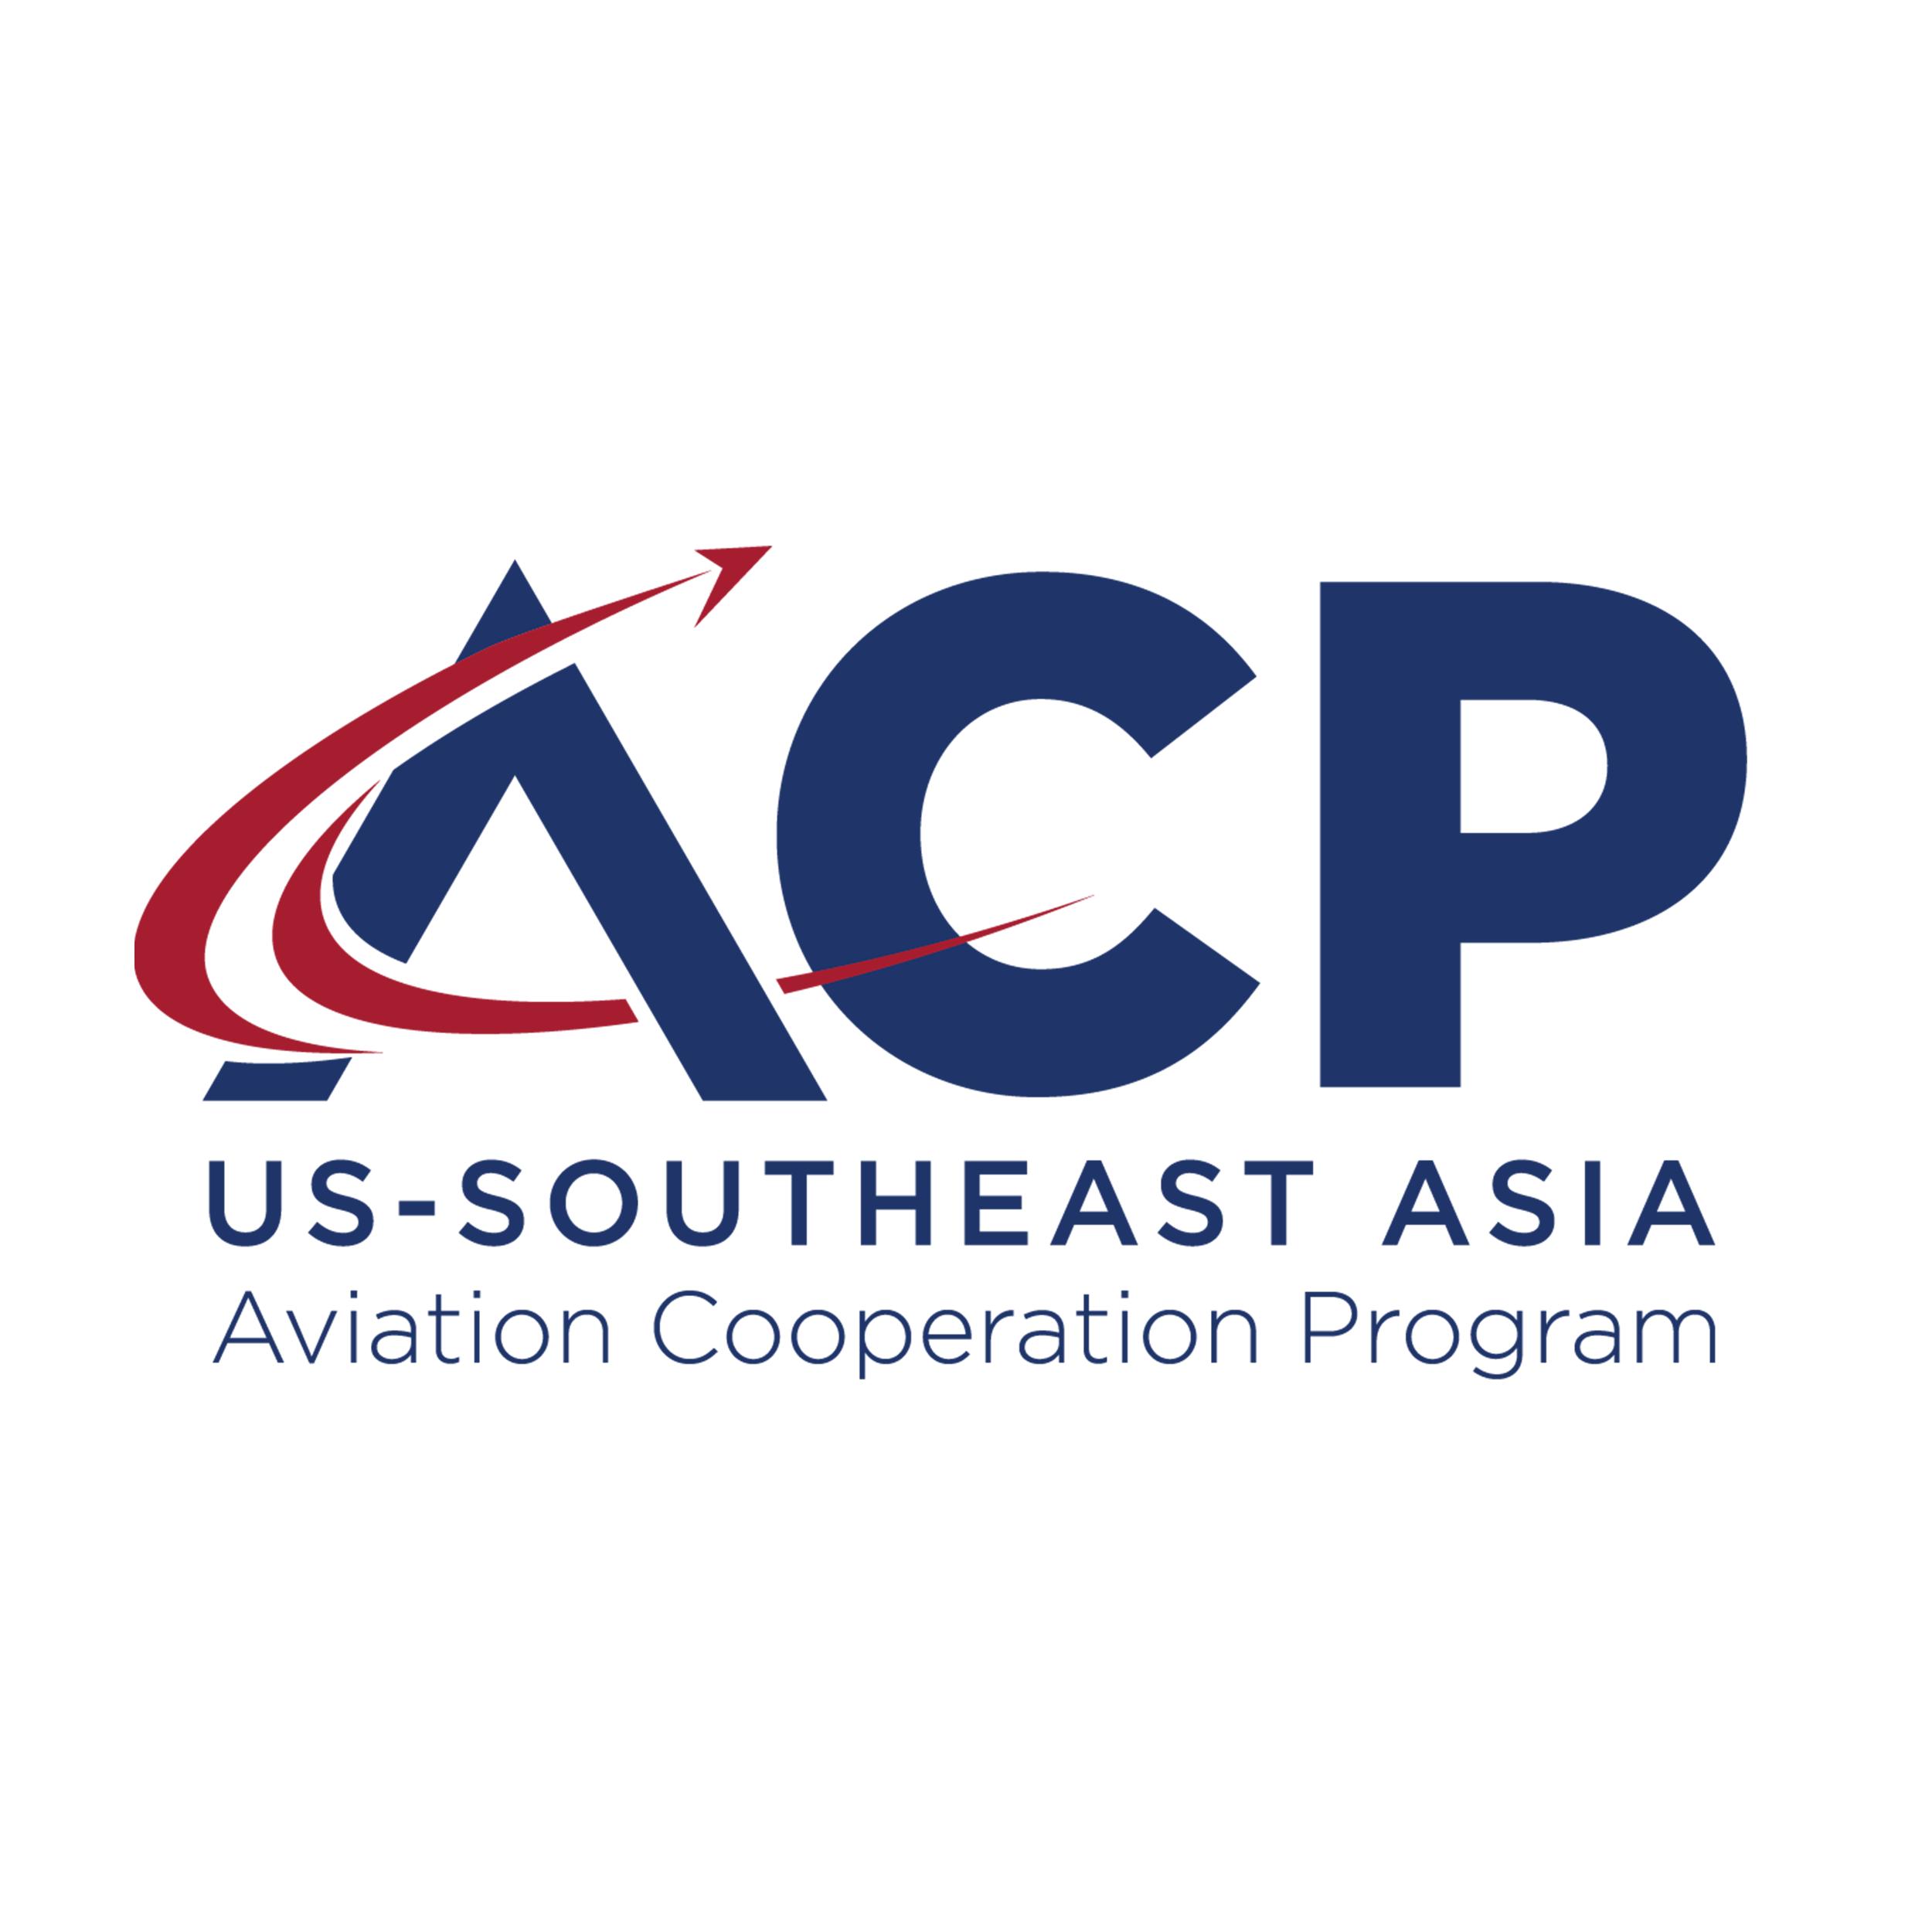 Chương trình hợp tác Hàng không Hoa Kỳ - Đông Nam Á